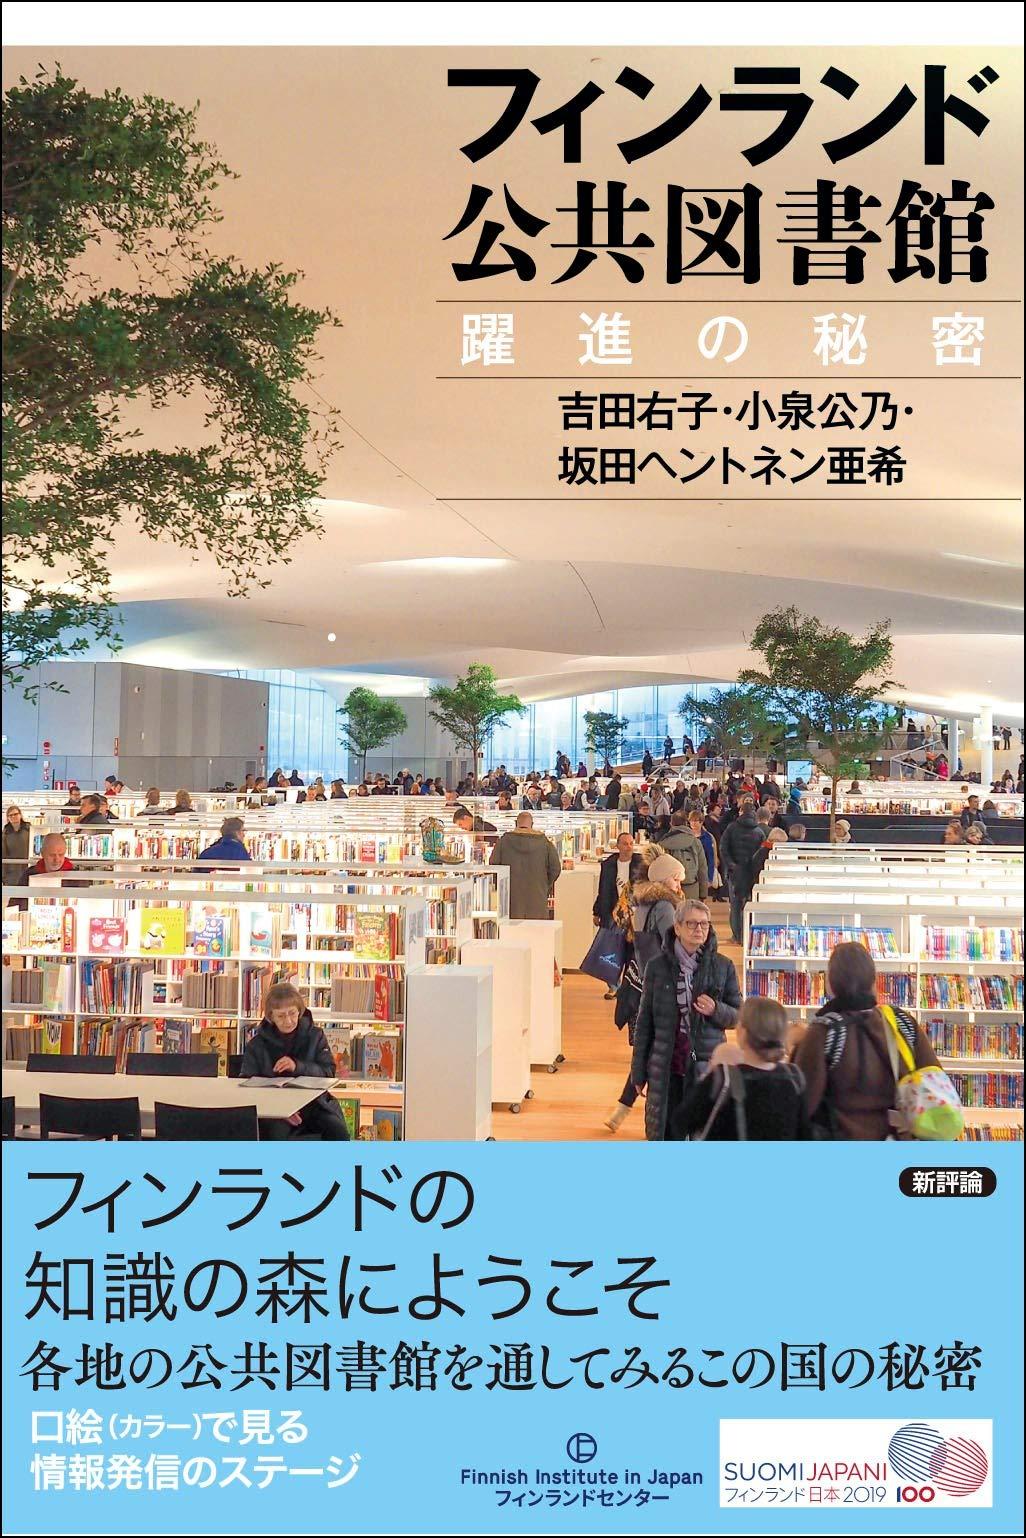 フィンランド 図書館